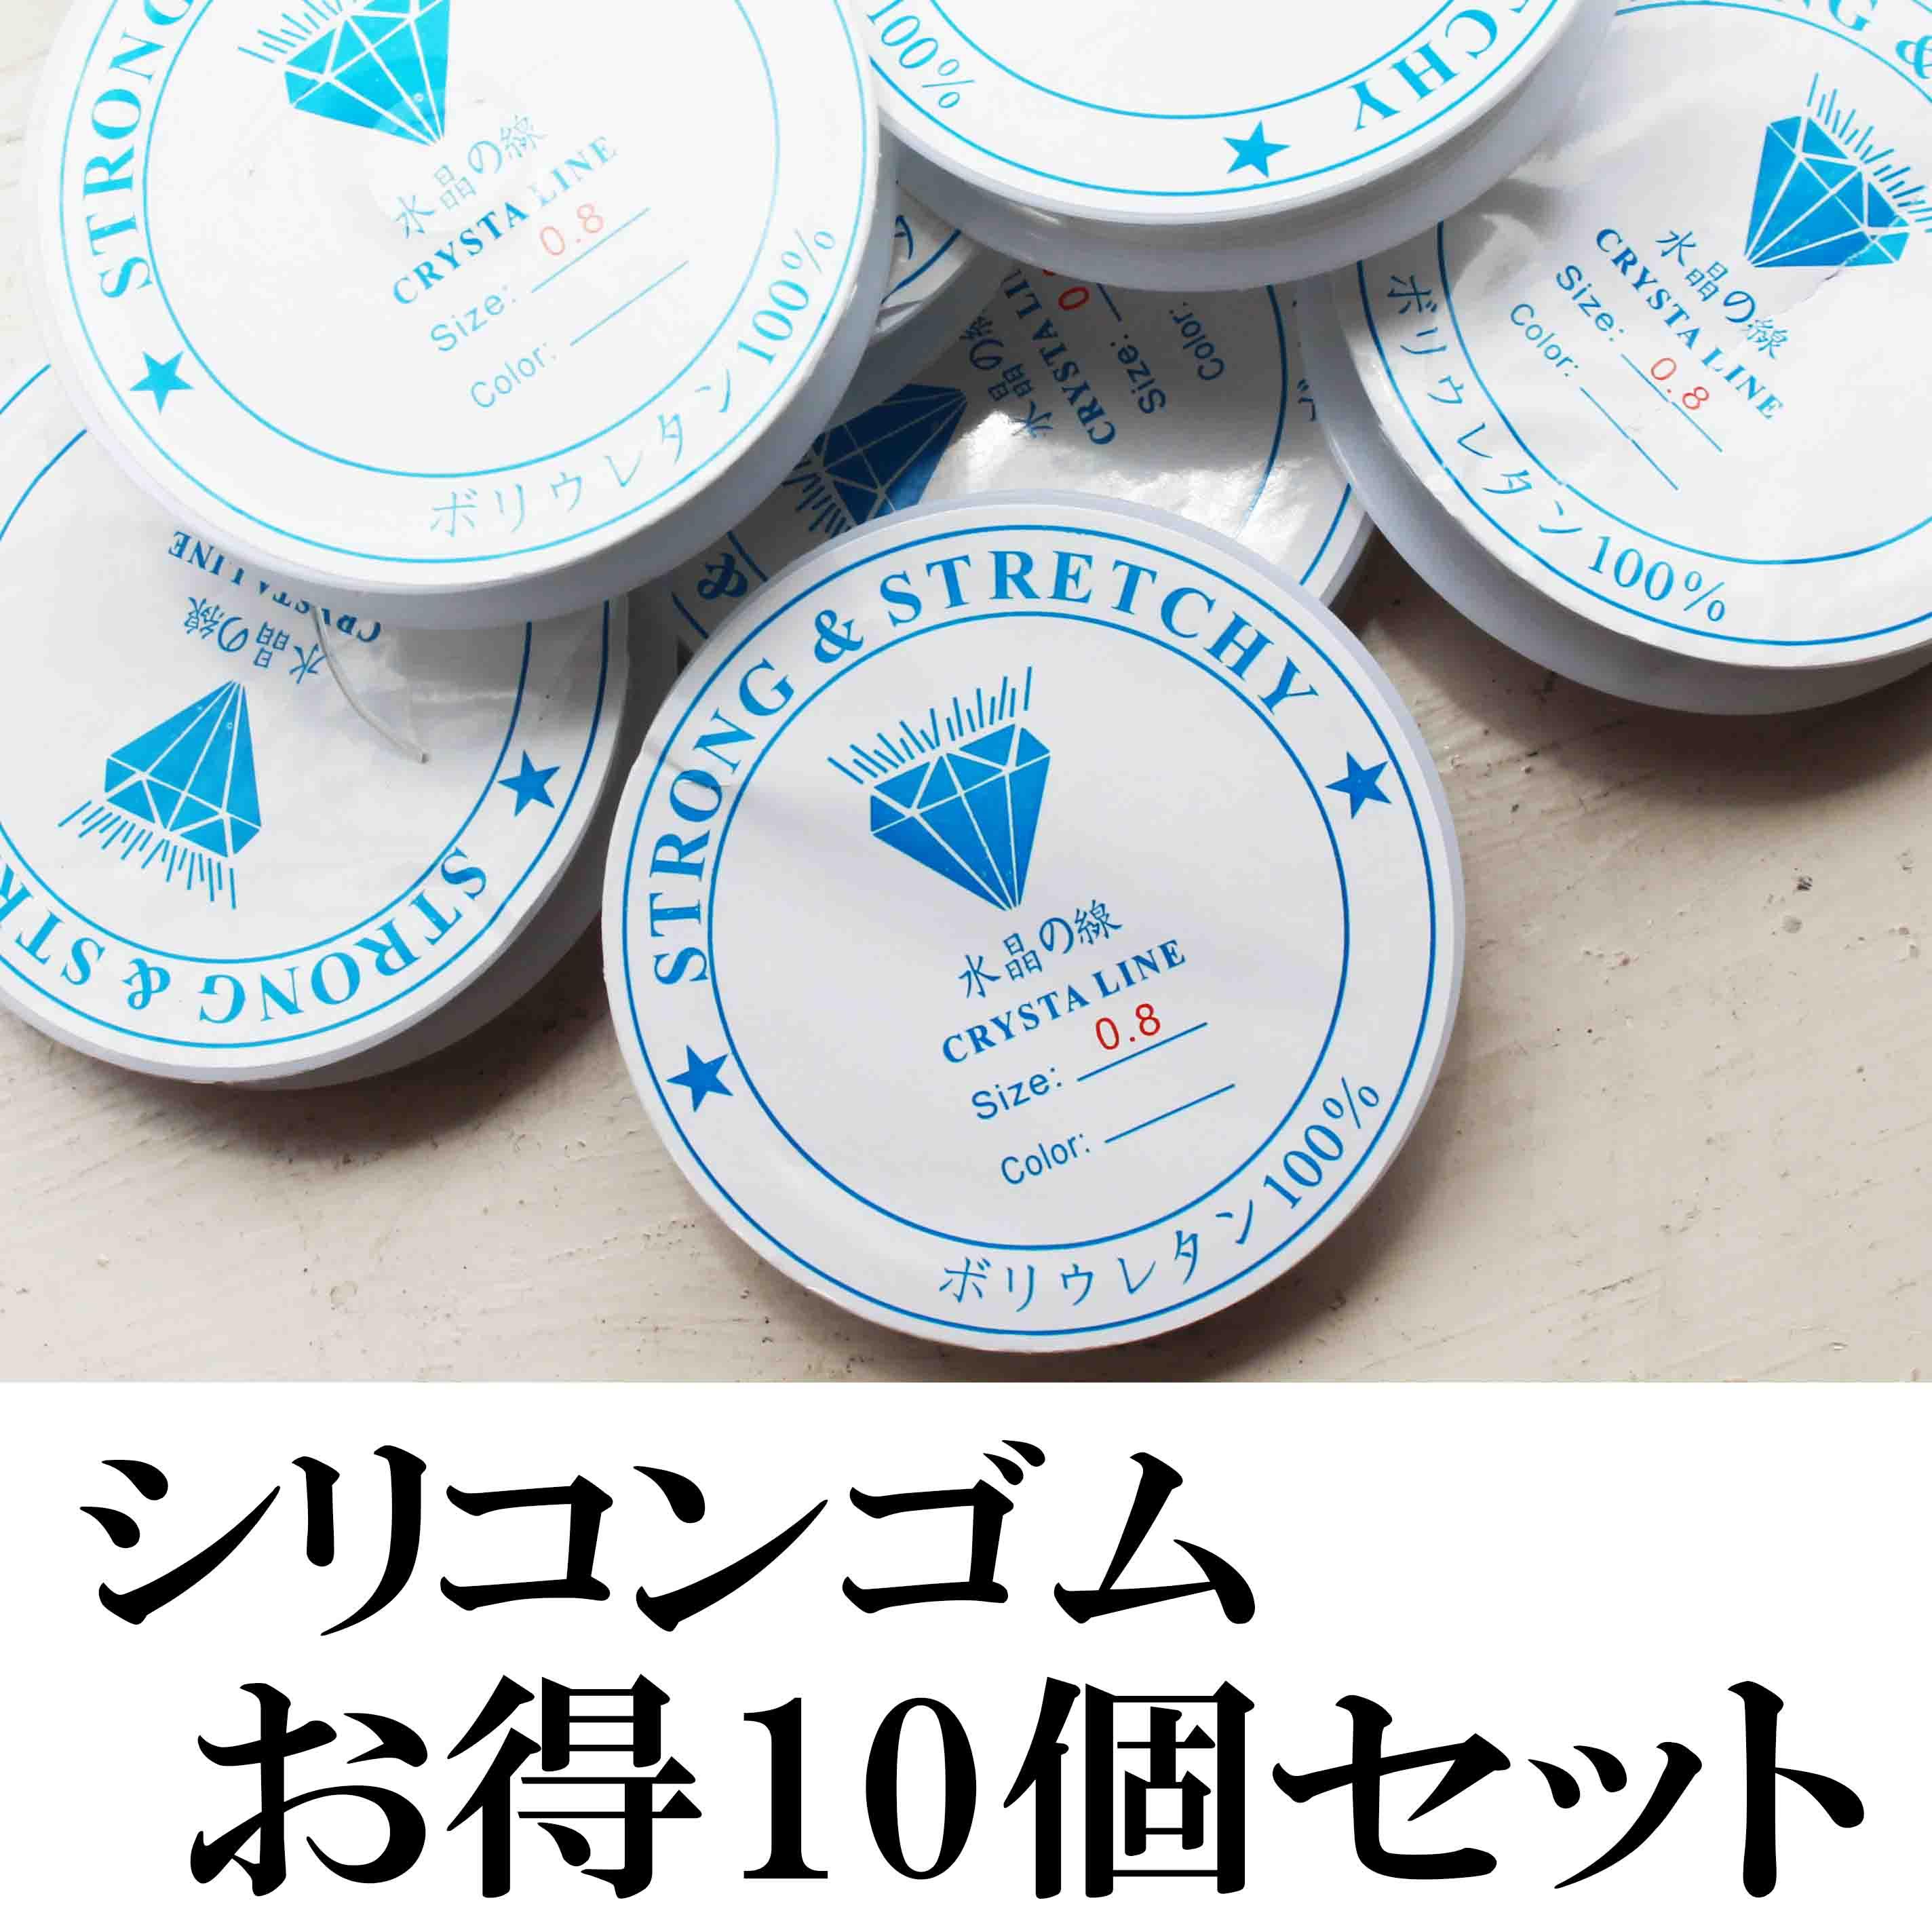 透明 シリコンゴム ポリウレタン100% サイズ0.8mm 水晶の線 10個セット 1巻約7m ハンドメイド